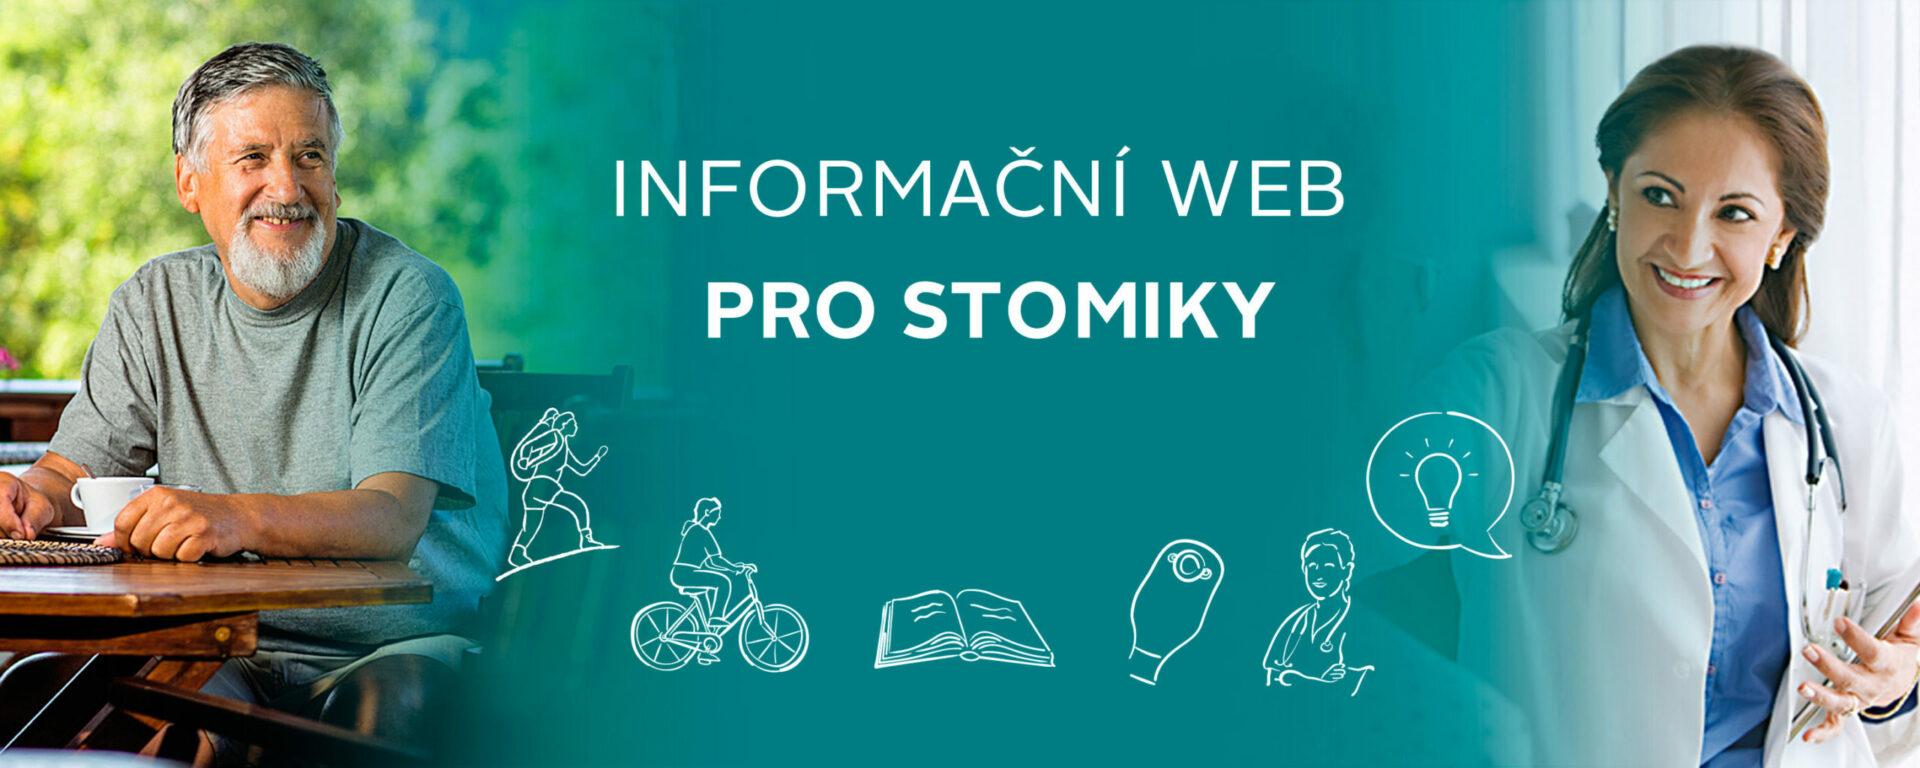 Banner: Informace o stomiích